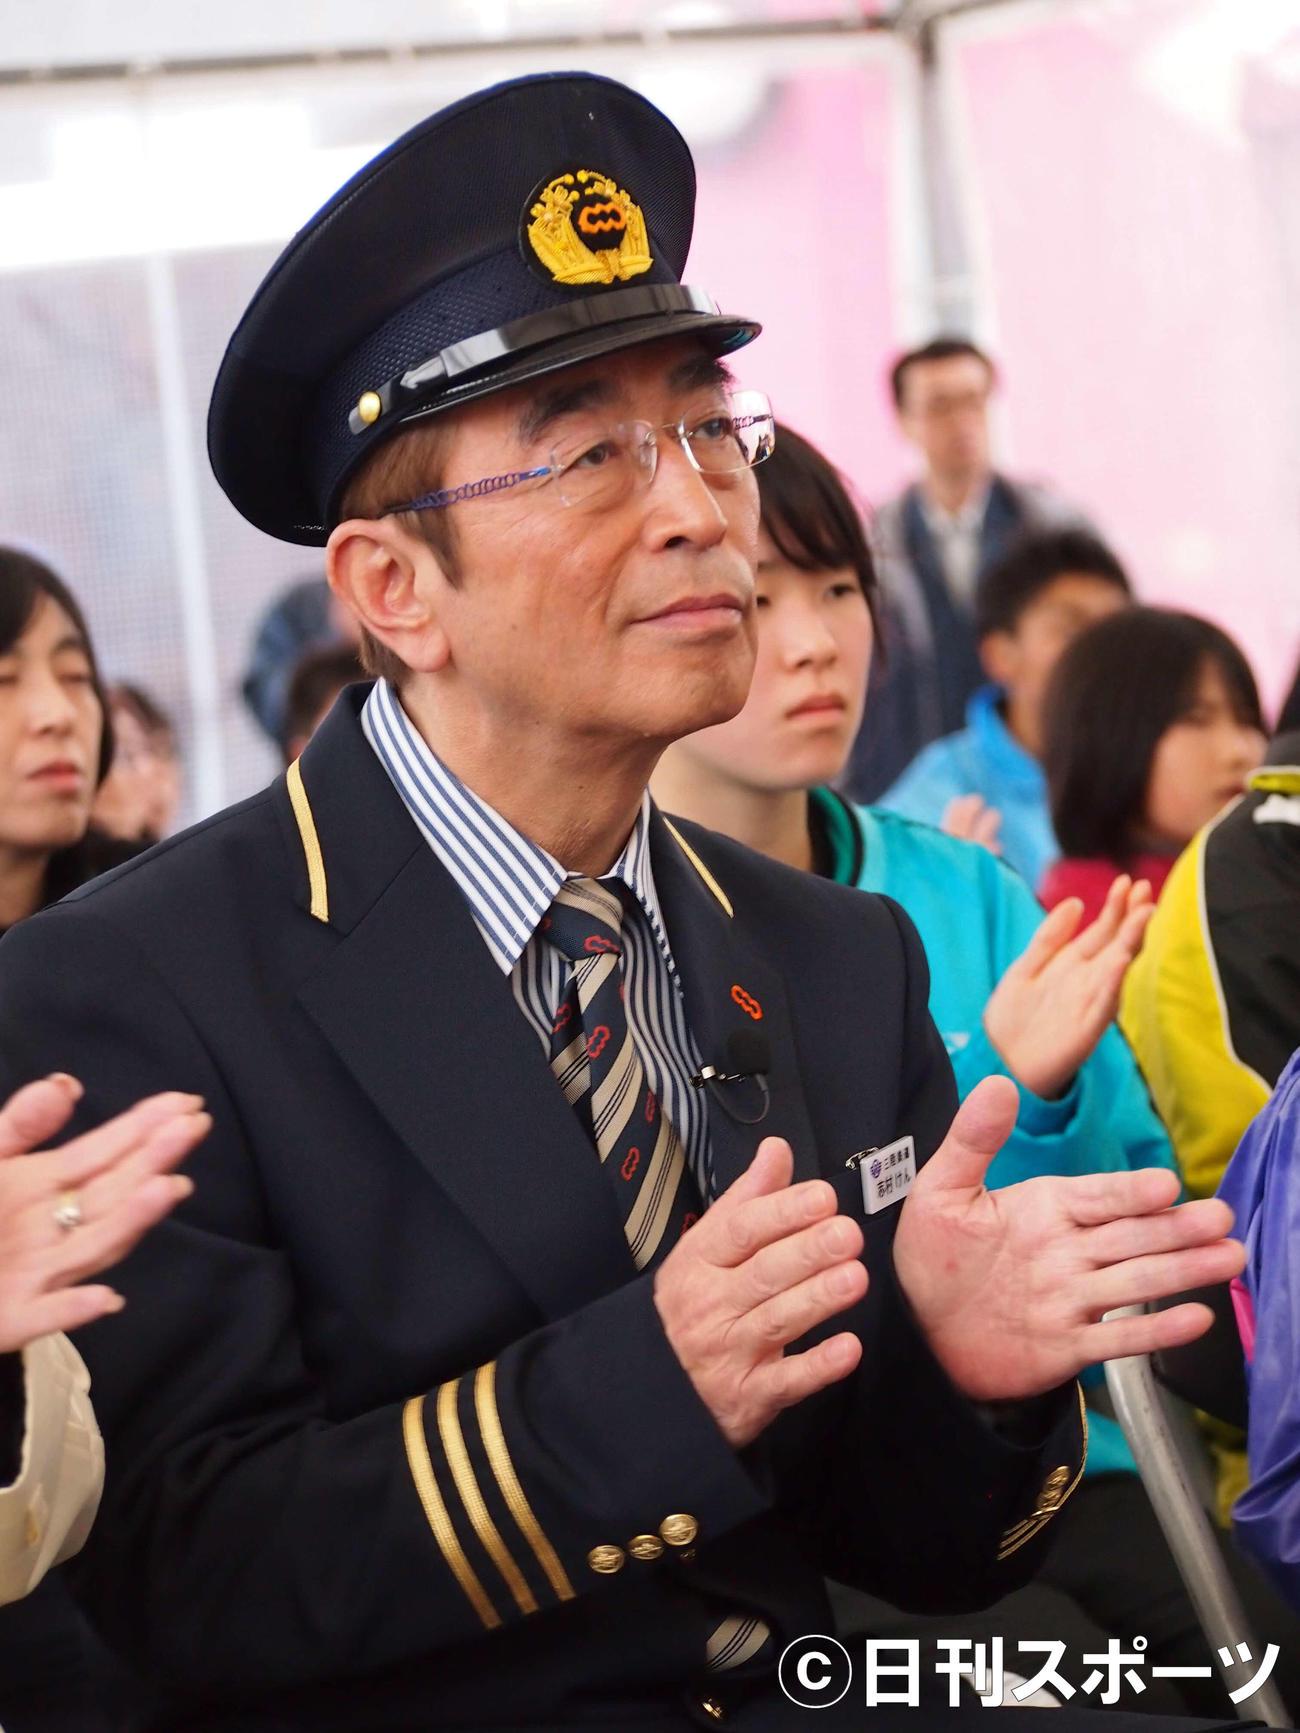 三陸鉄道南リアス線の再開記念イベントに出席した志村けんさん(2013年4月3日撮影)